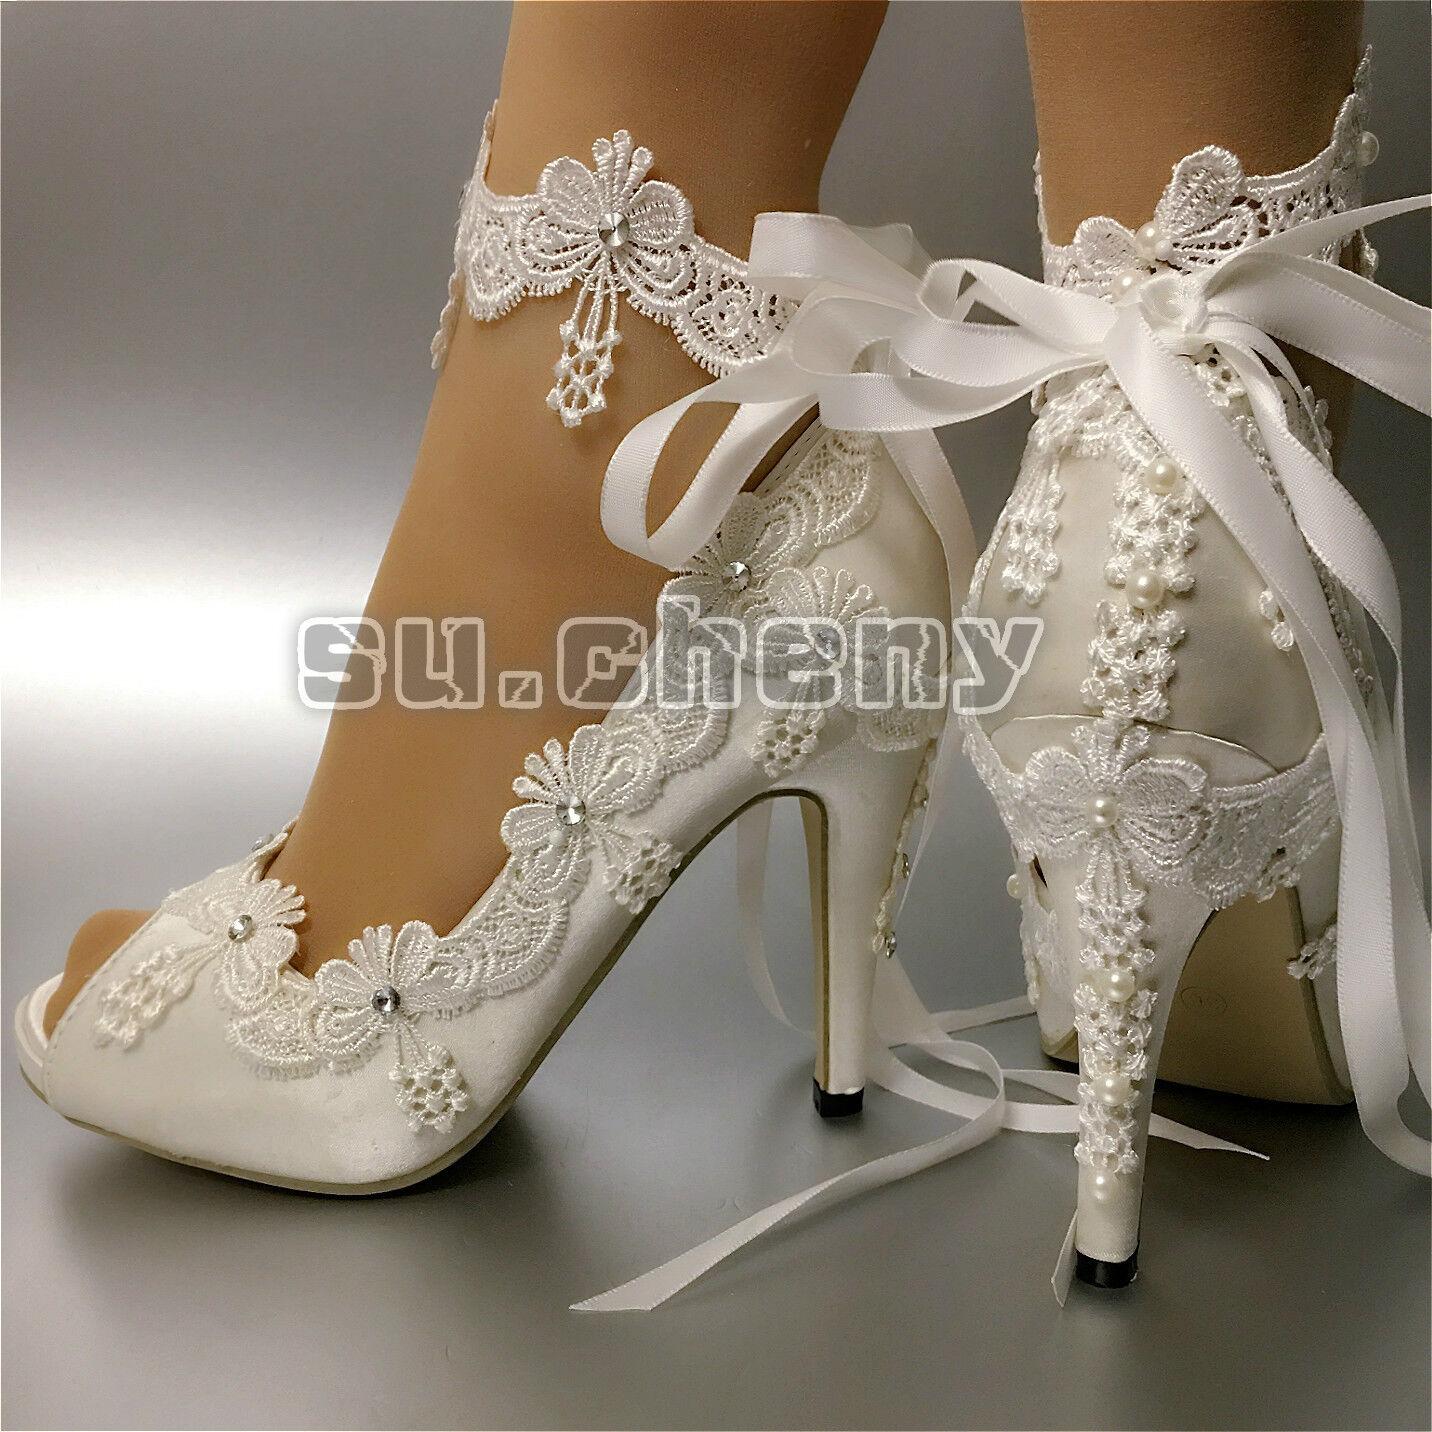 Su. Cheny cinta tobillera blancoo Marfil Satinado Tacón Puntera Puntera Puntera Abierta Boda Nupcial Zapatos Talla  clásico atemporal